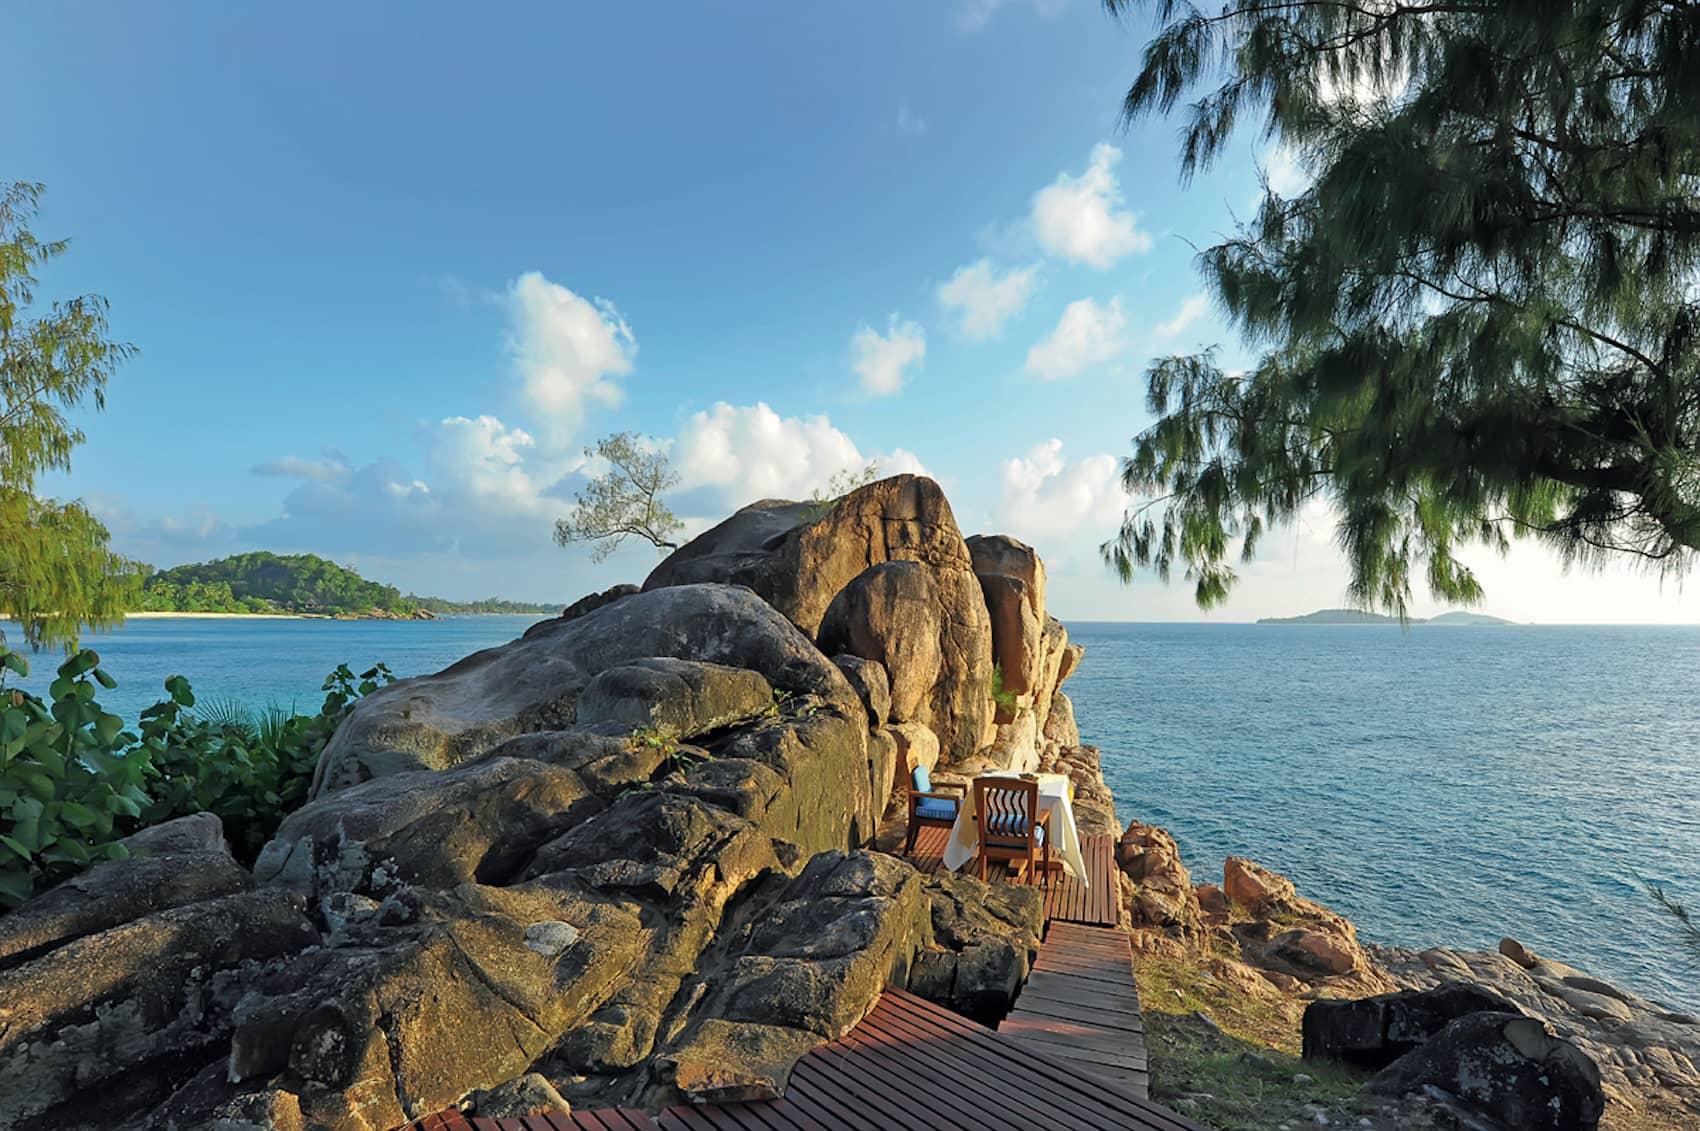 Cena romantica Seychelles - Esperienze uniche viaggio di nozze